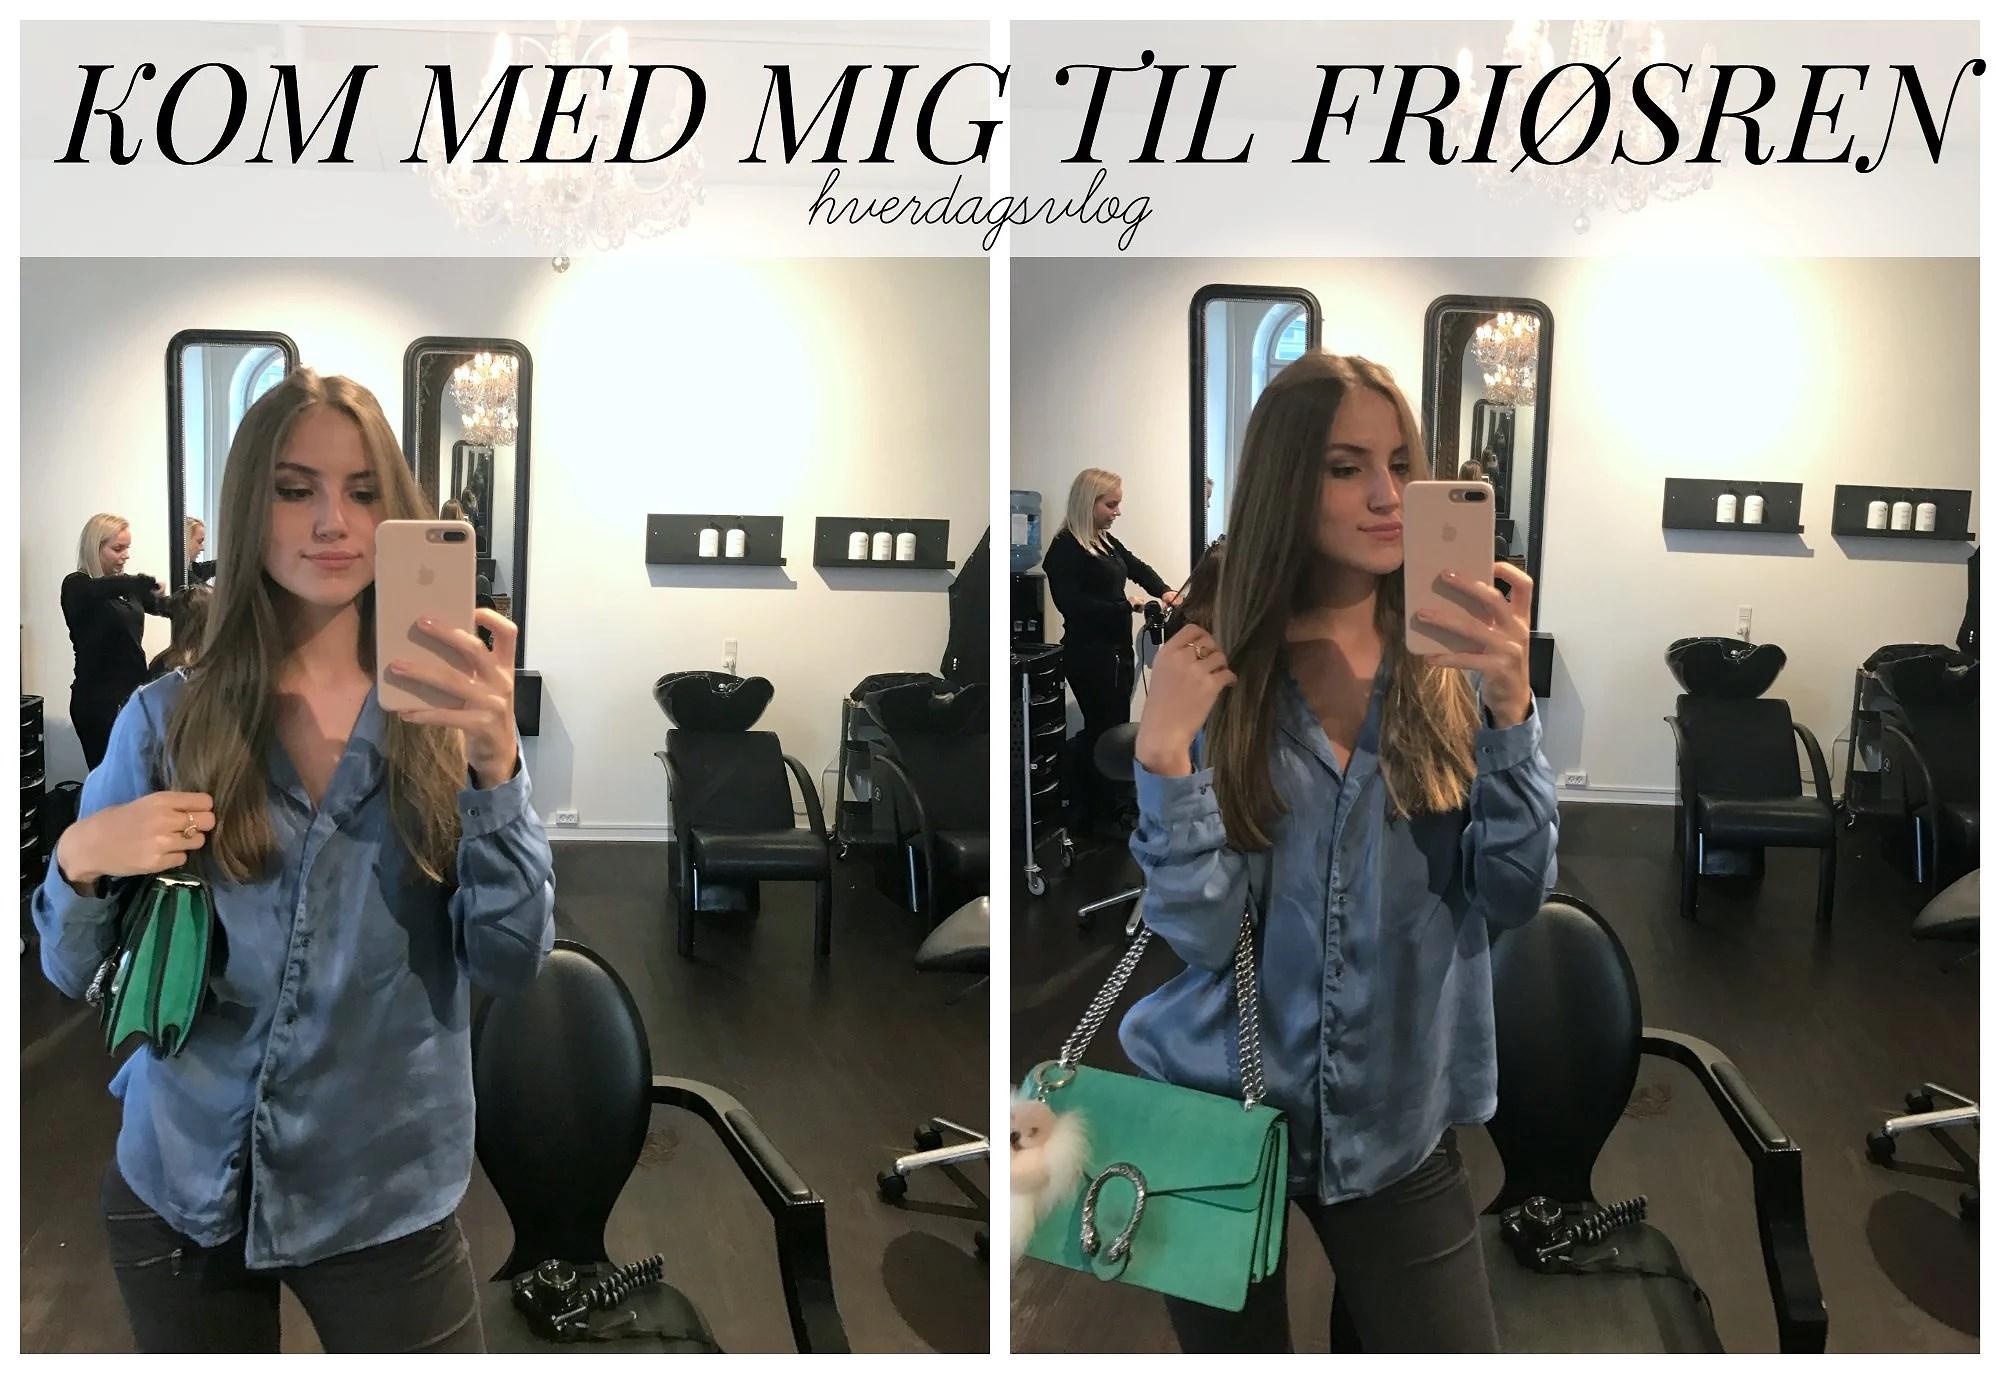 VIDEO: KOM MED MIG TIL FRISØREN